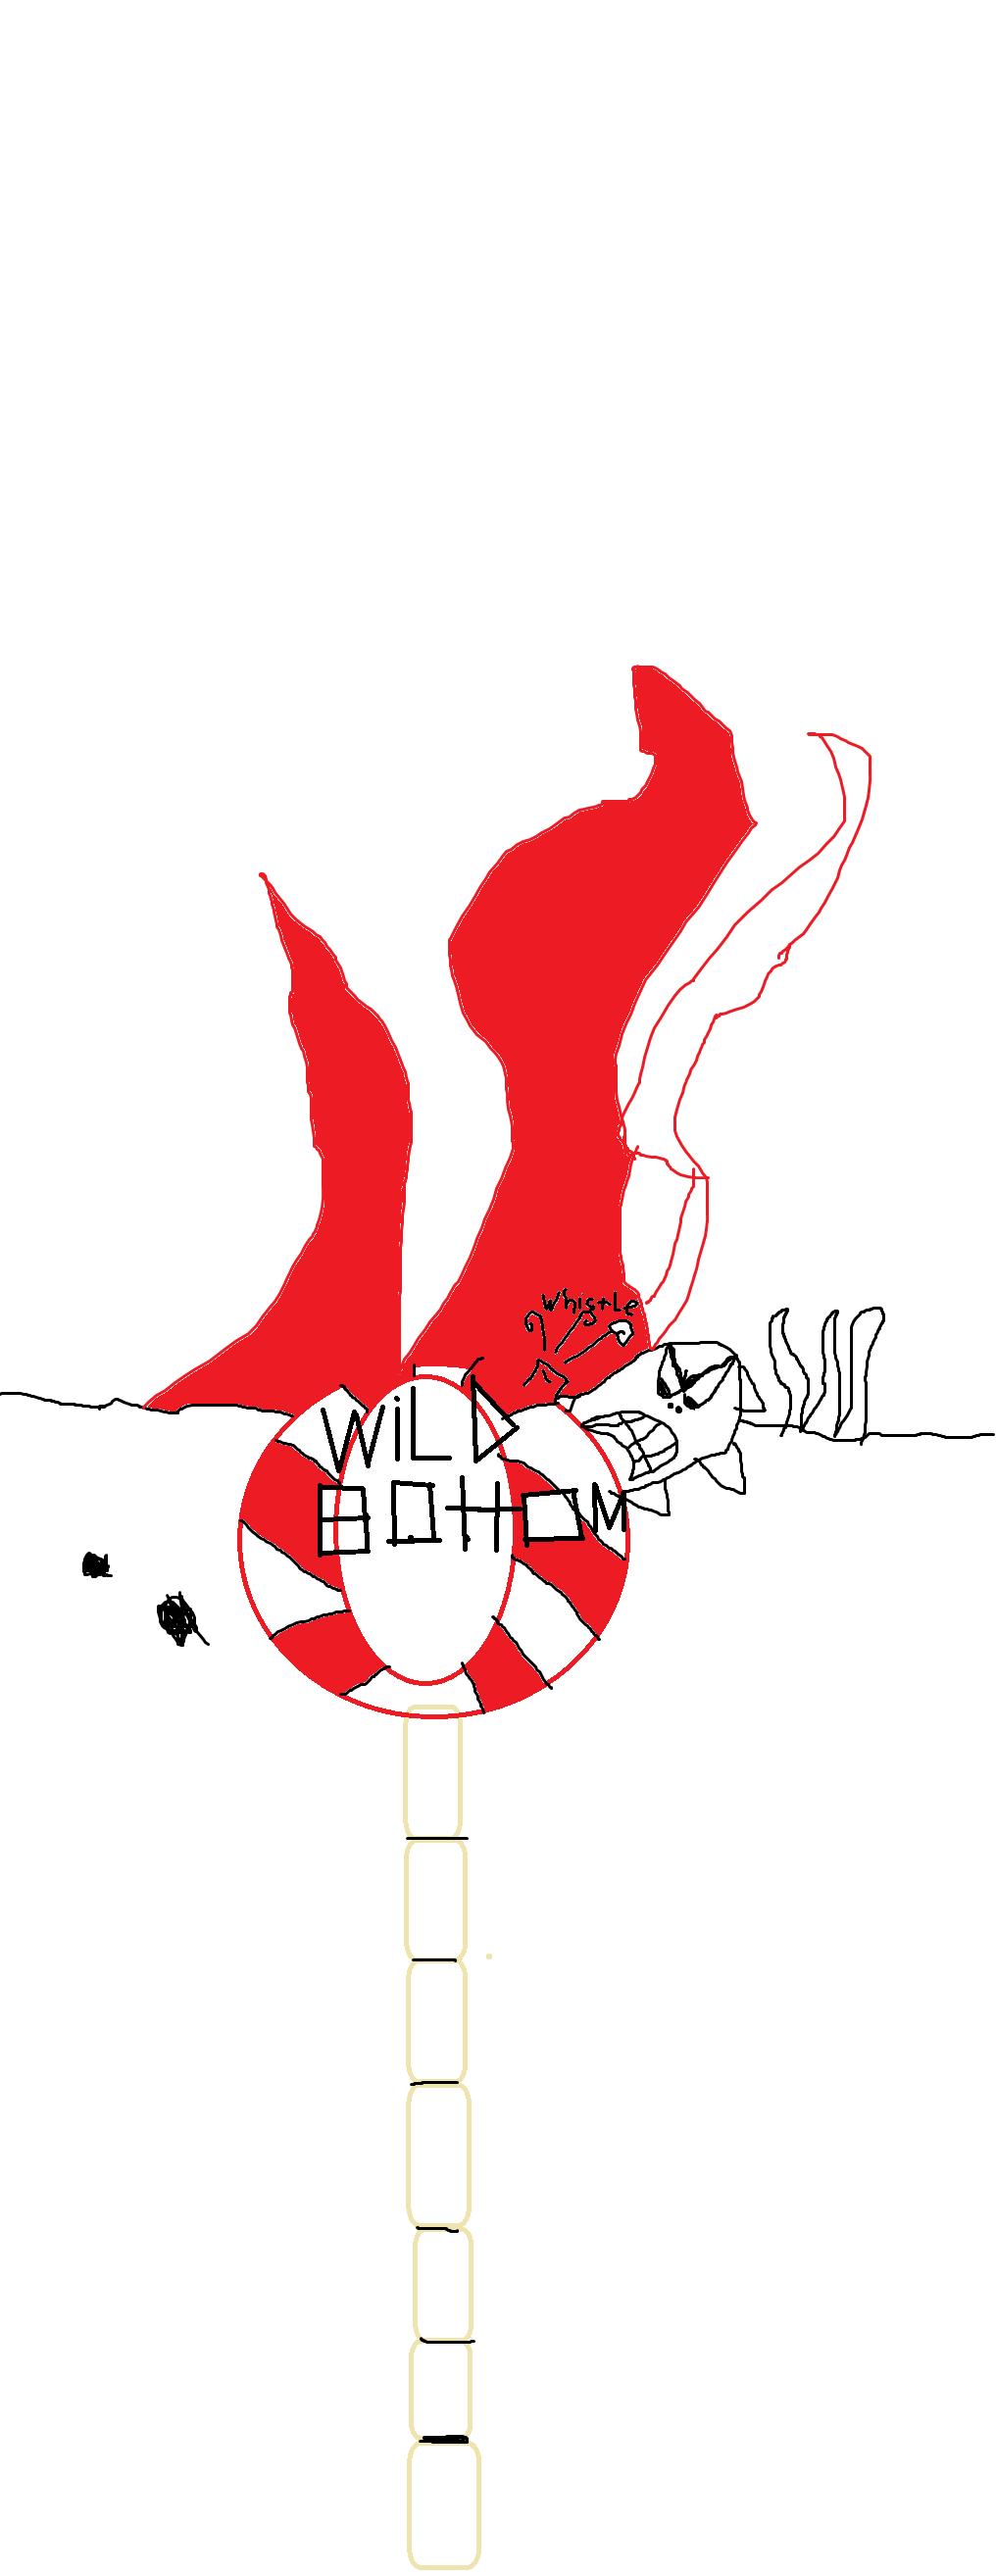 wild bottom